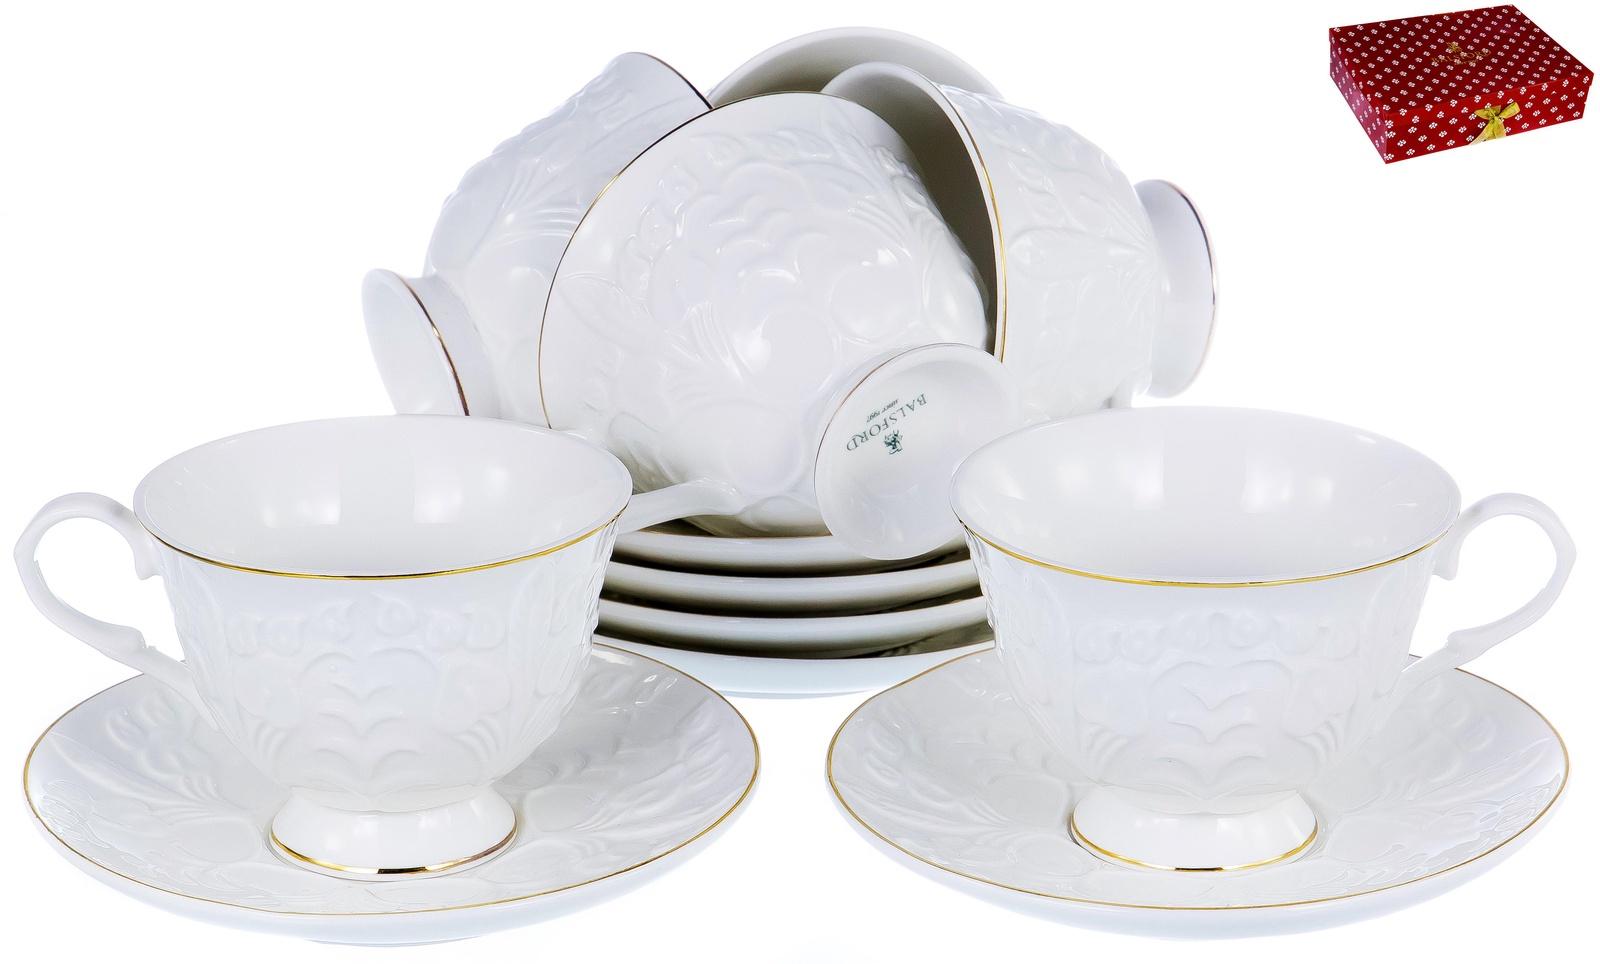 ГРАЦИЯ, набор чайный, 6 чашек 220мл, 6 блюдец, NEW BONE CHINA, белый рельефный рисунок с золотом, прямоугольная подарочная упаковка с окном и бантом, ТМ Balsford, артикул 101-30002